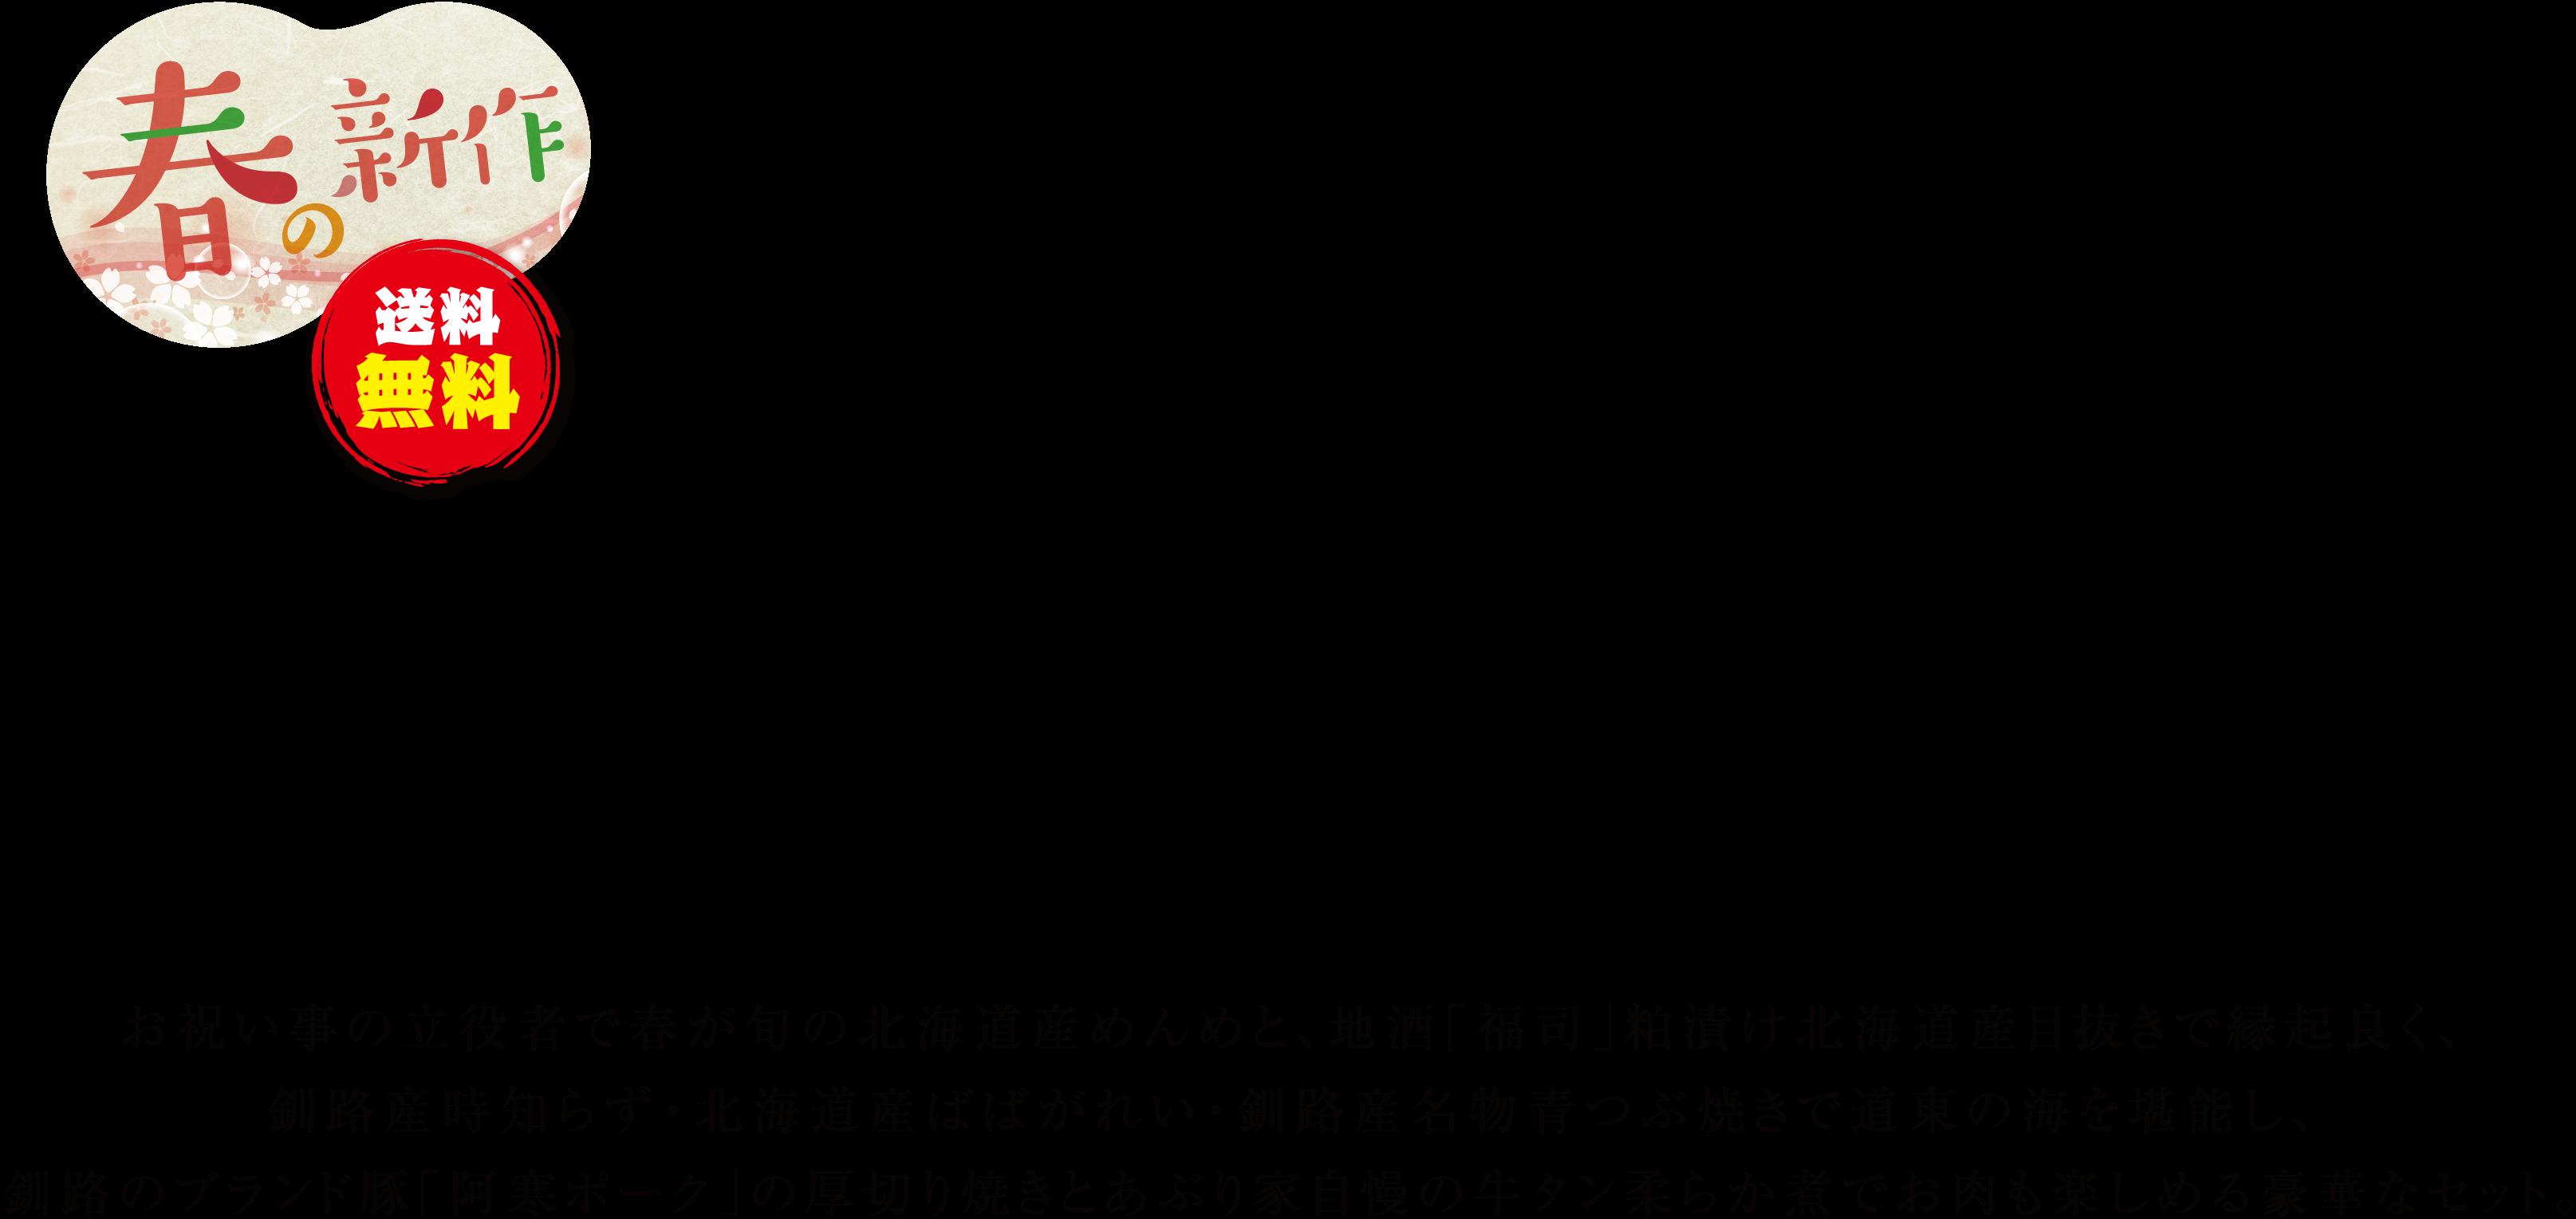 おすすめセット商品